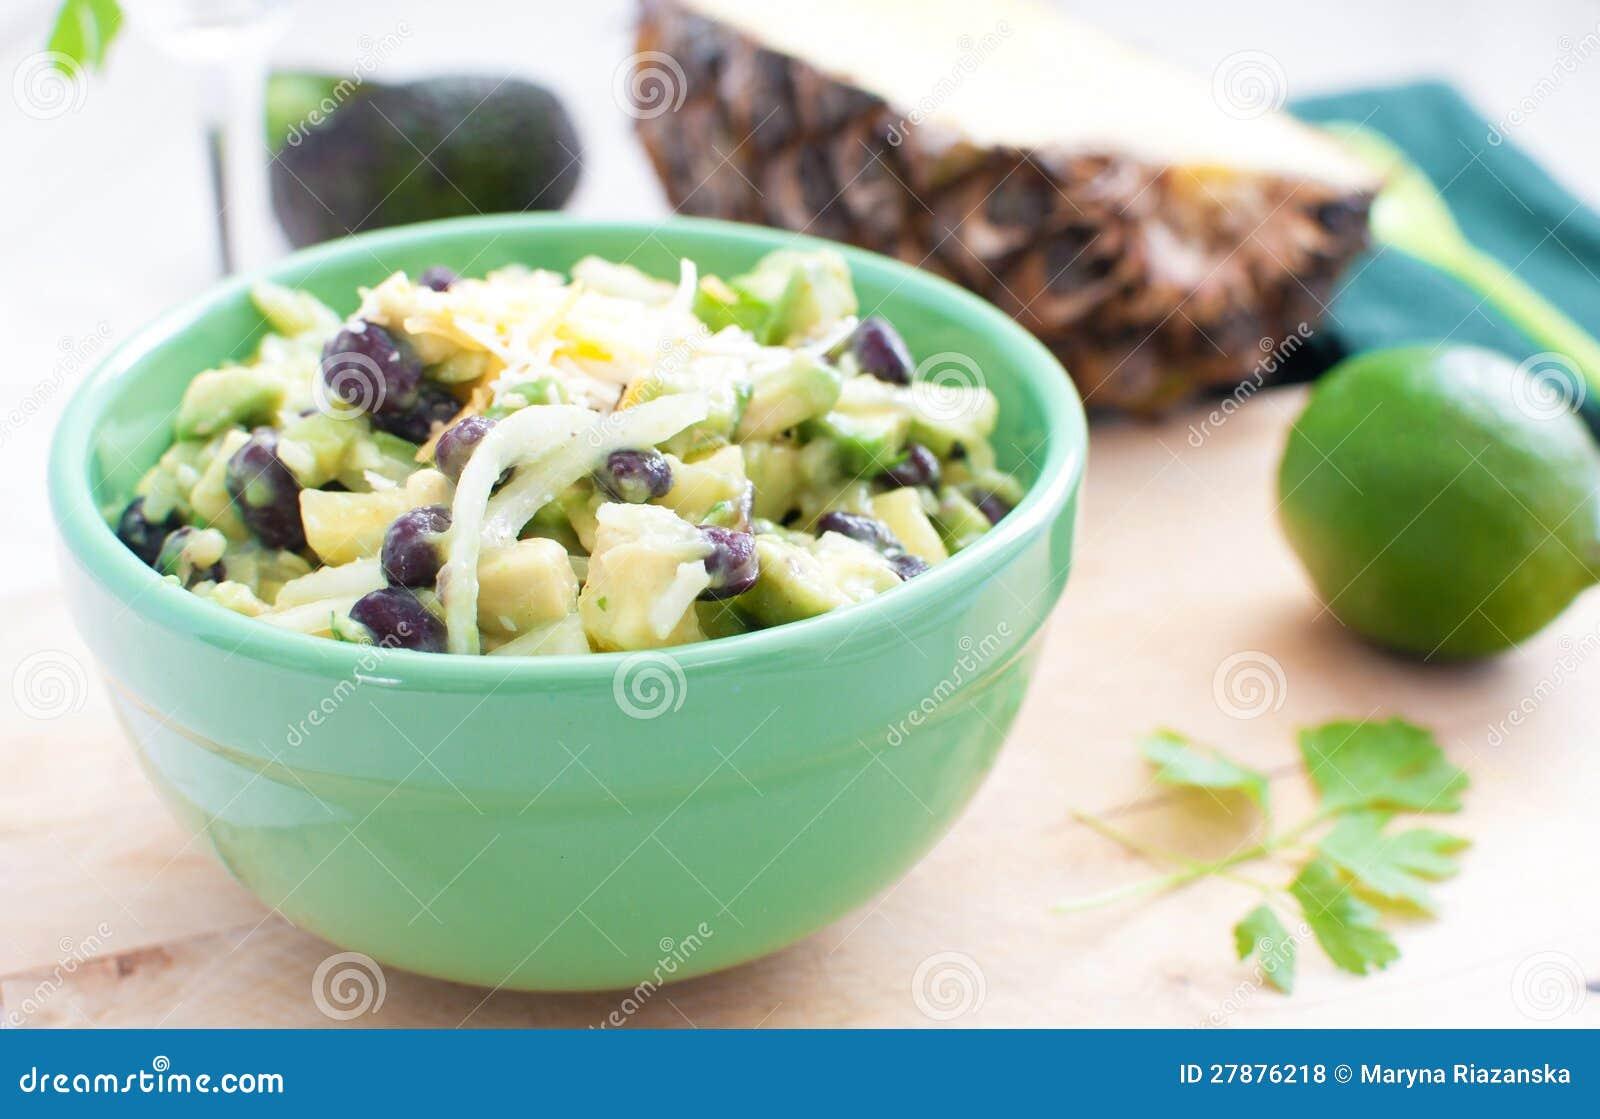 Salat mit Avocados, Ananas, schwarze Bohnen